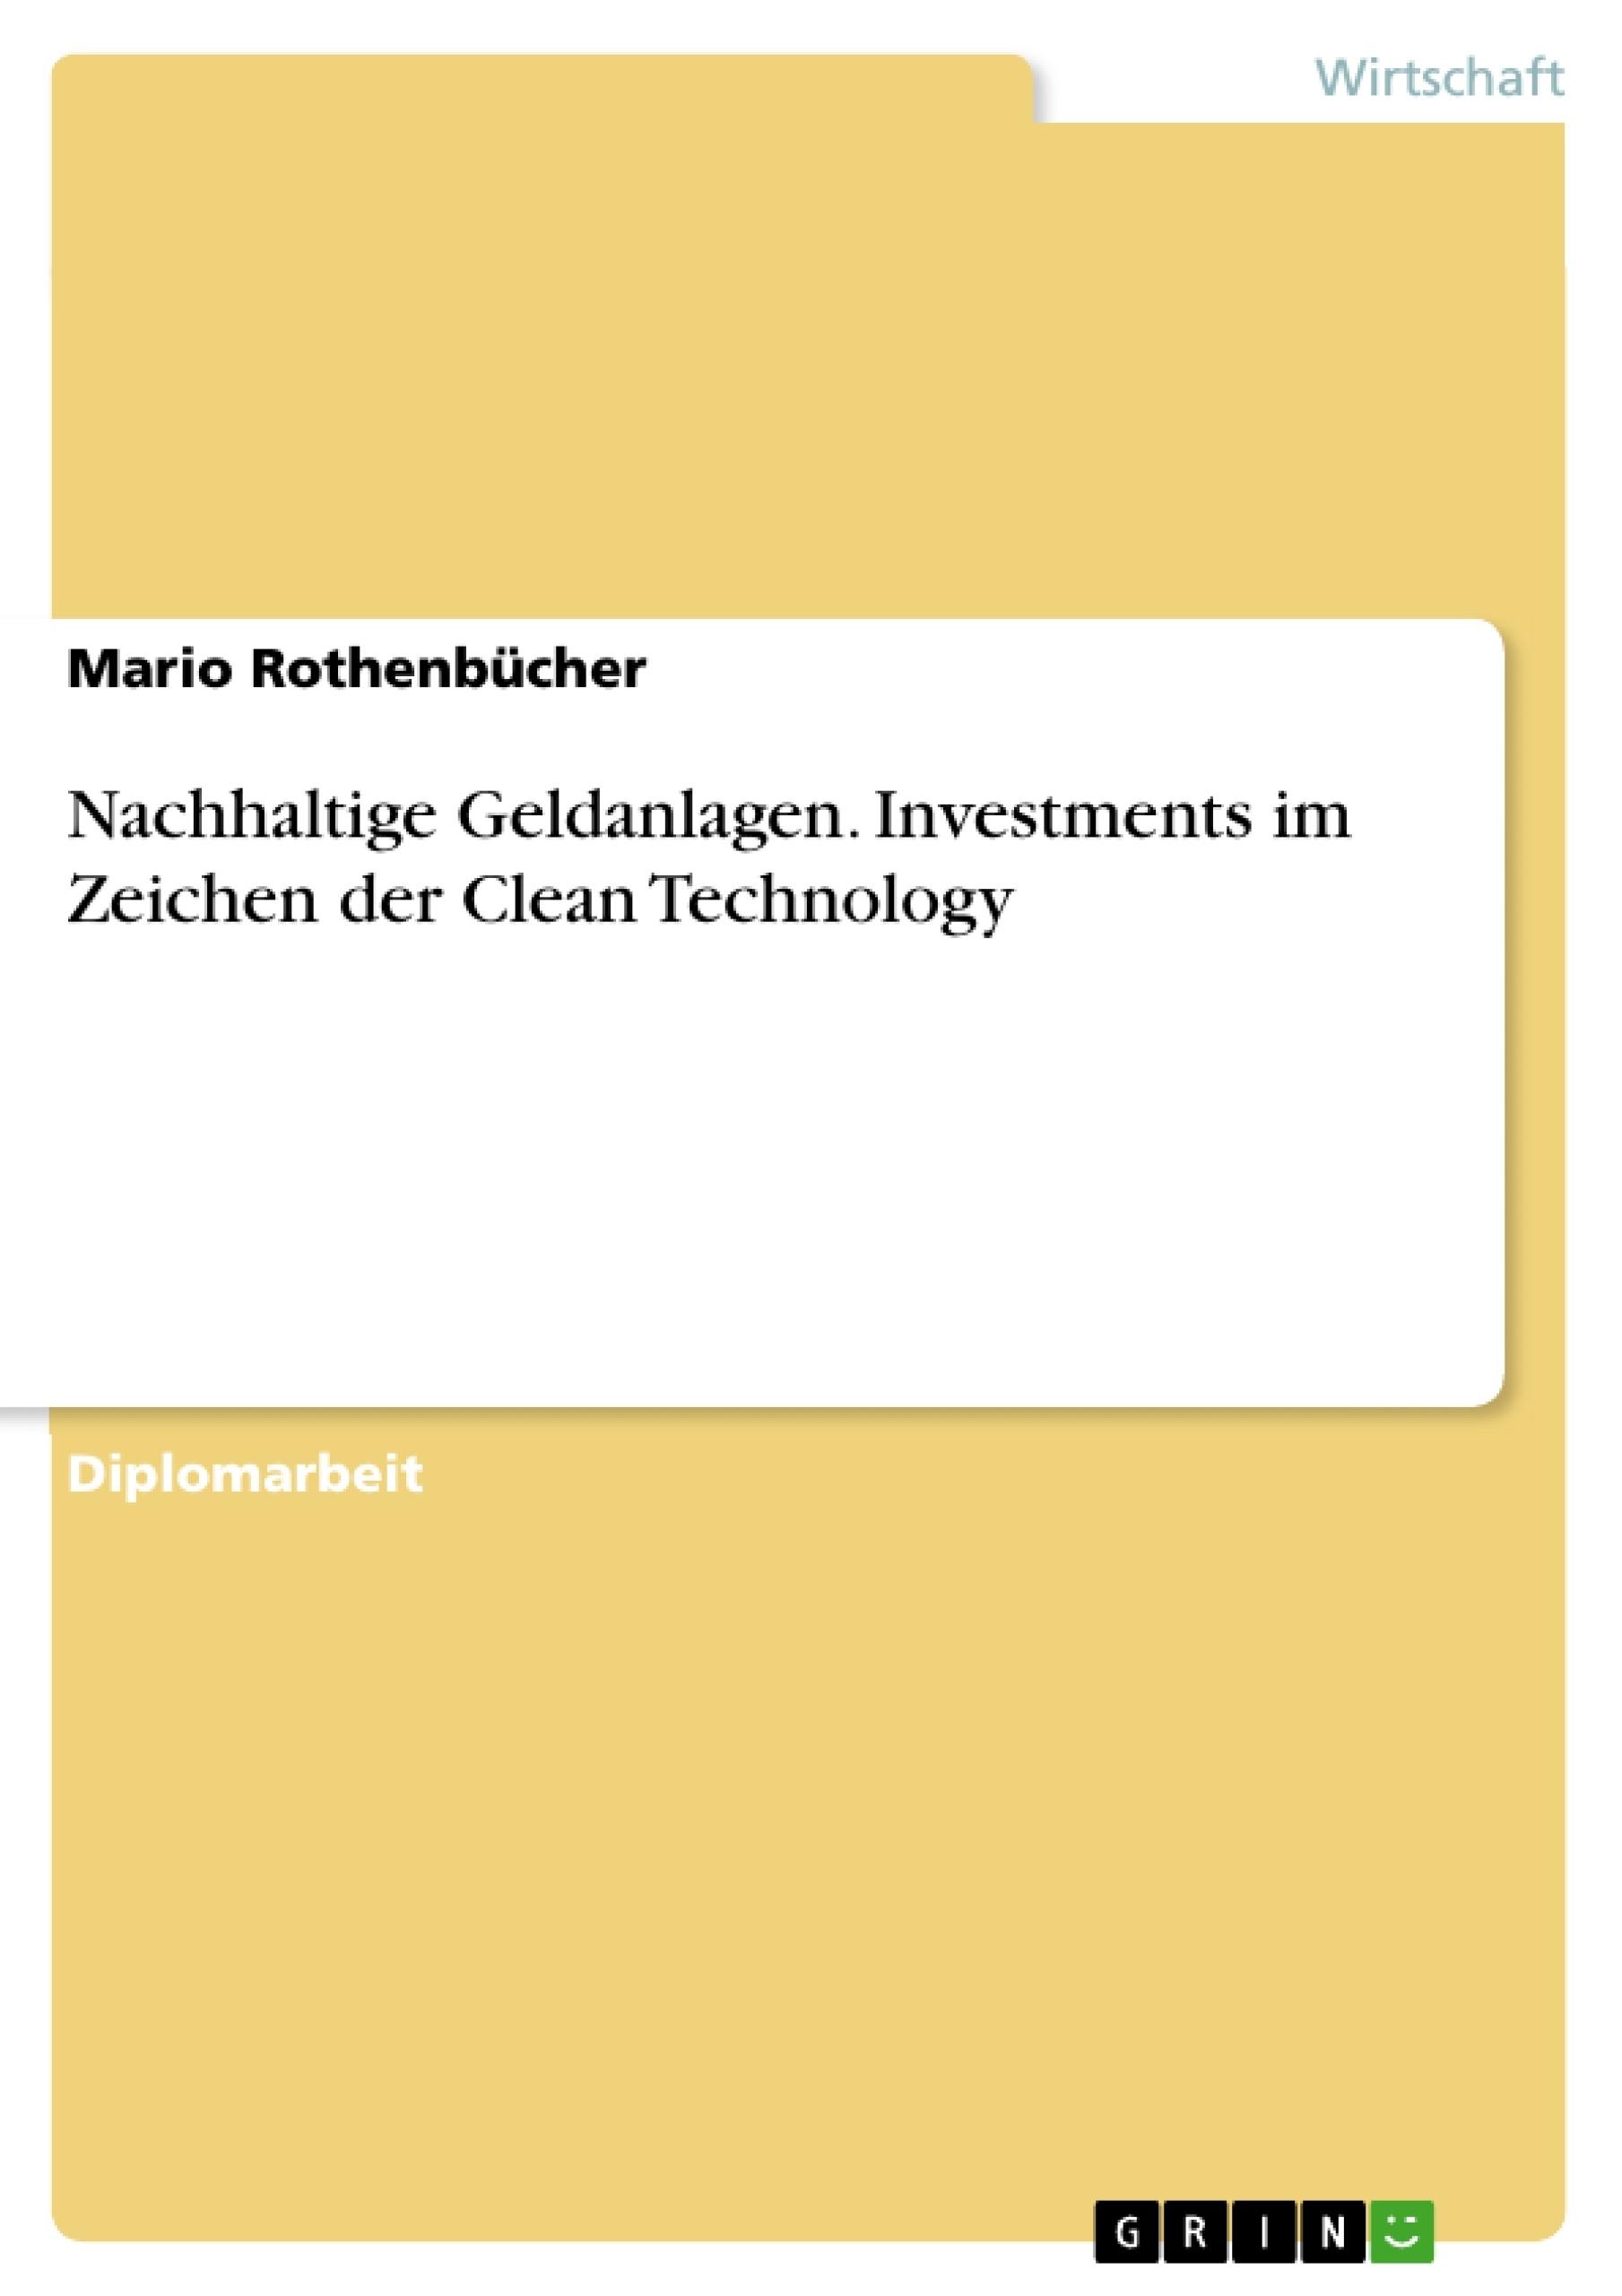 Titel: Nachhaltige Geldanlagen. Investments im Zeichen der Clean Technology